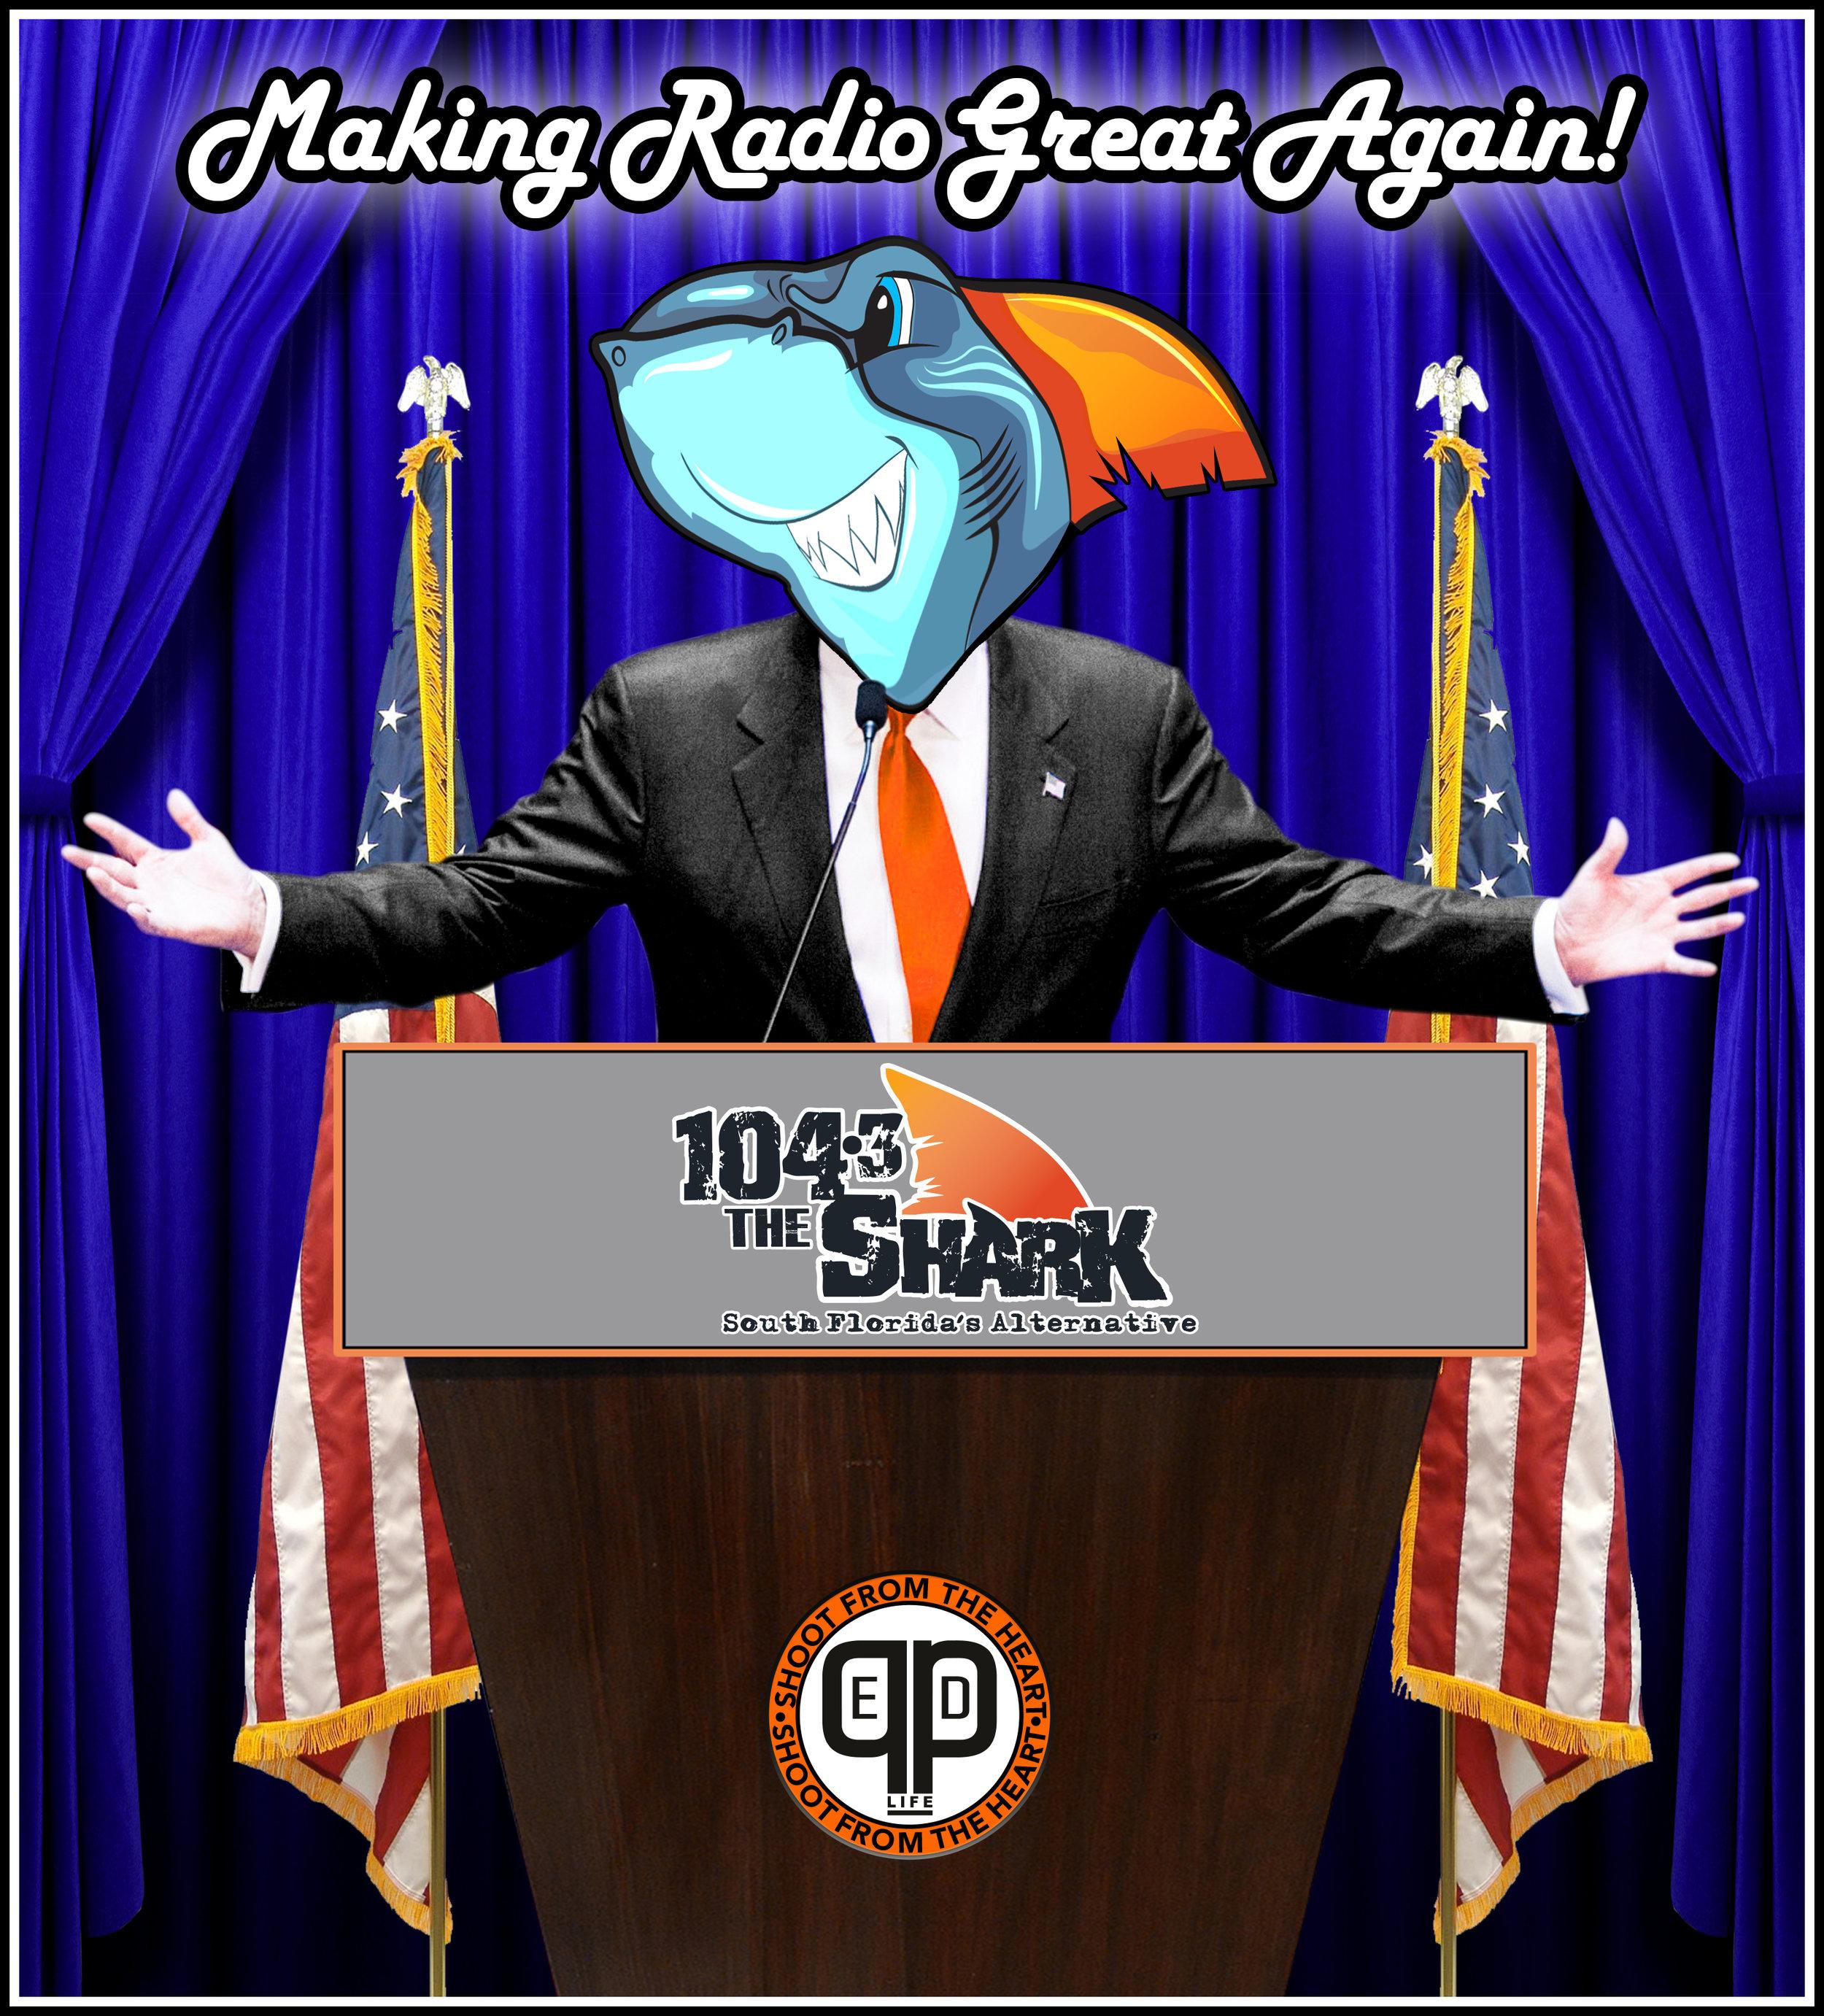 TheShark.jpg